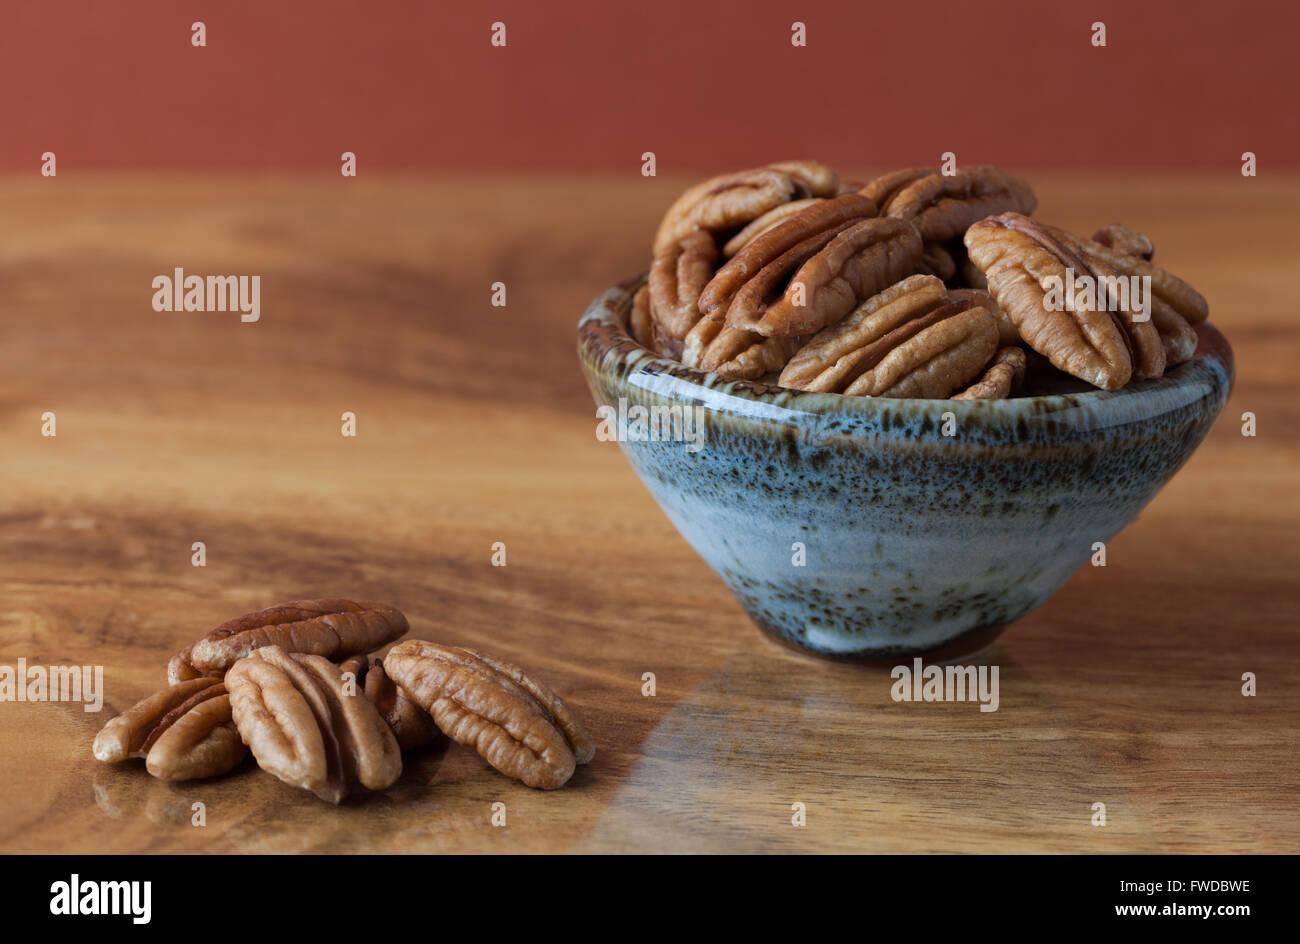 Pekannüsse auf Holztisch und in Keramikschale mit braunem Hintergrund. Textfreiraum, geringe Schärfentiefe Stockbild